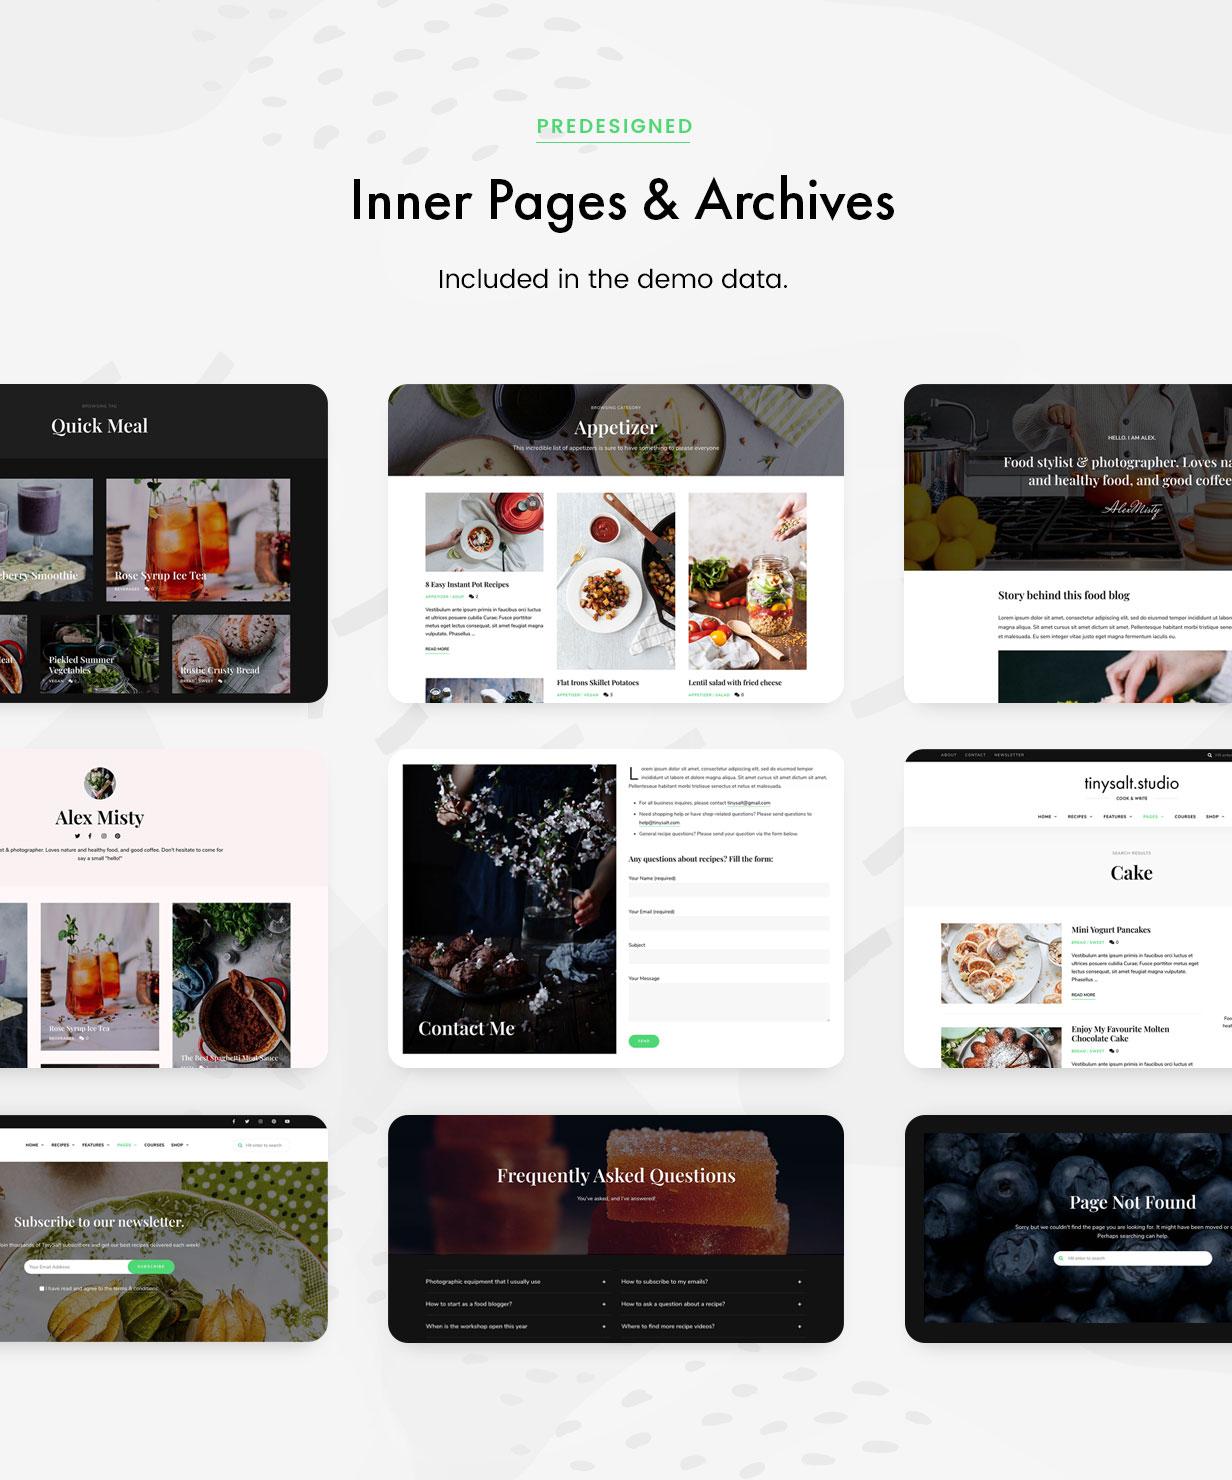 TinySalt - Innere Seiten